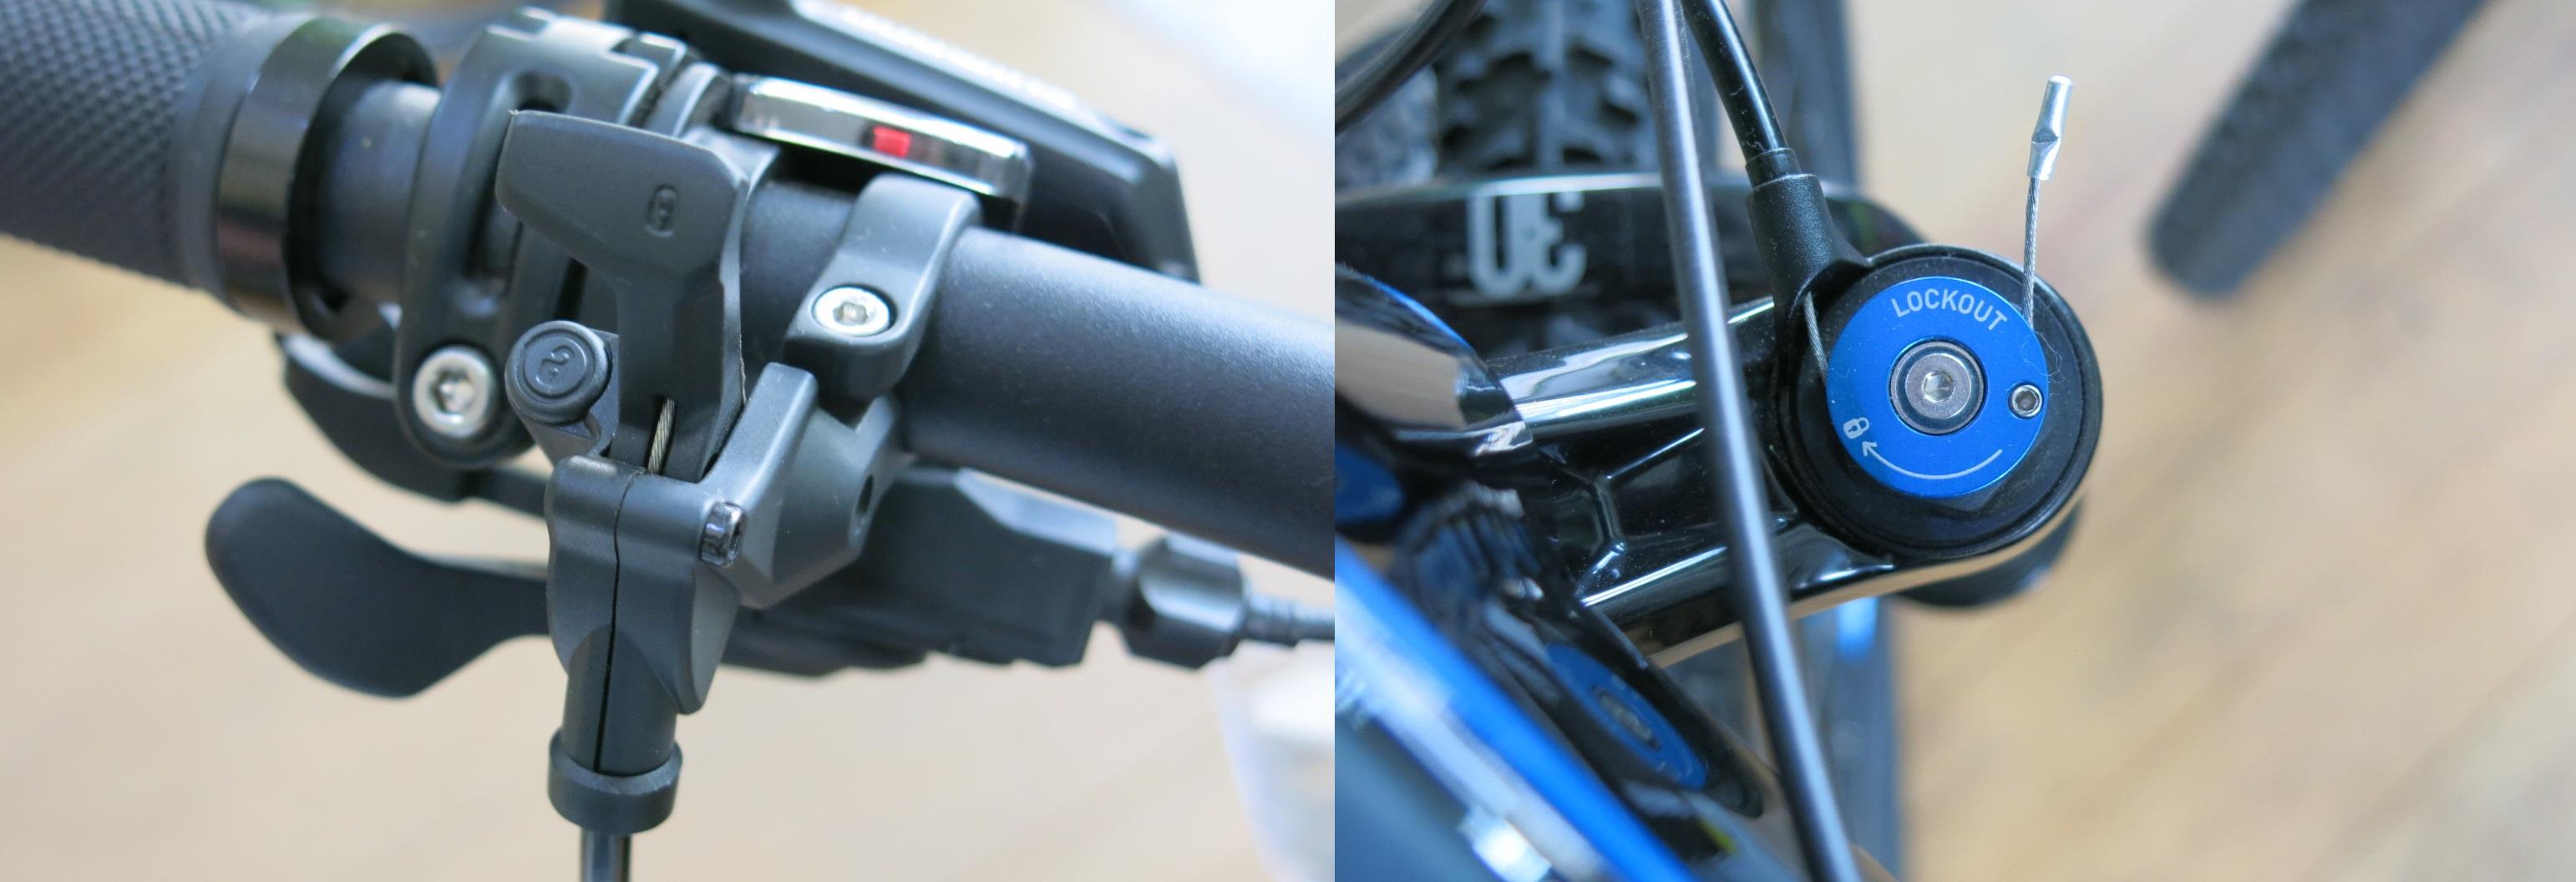 """À esquerda está o """"gatilho"""" ou trava remota. À direita está o dispositivo acoplado no crown que fará a parte interna travar e impedir a movimentação."""